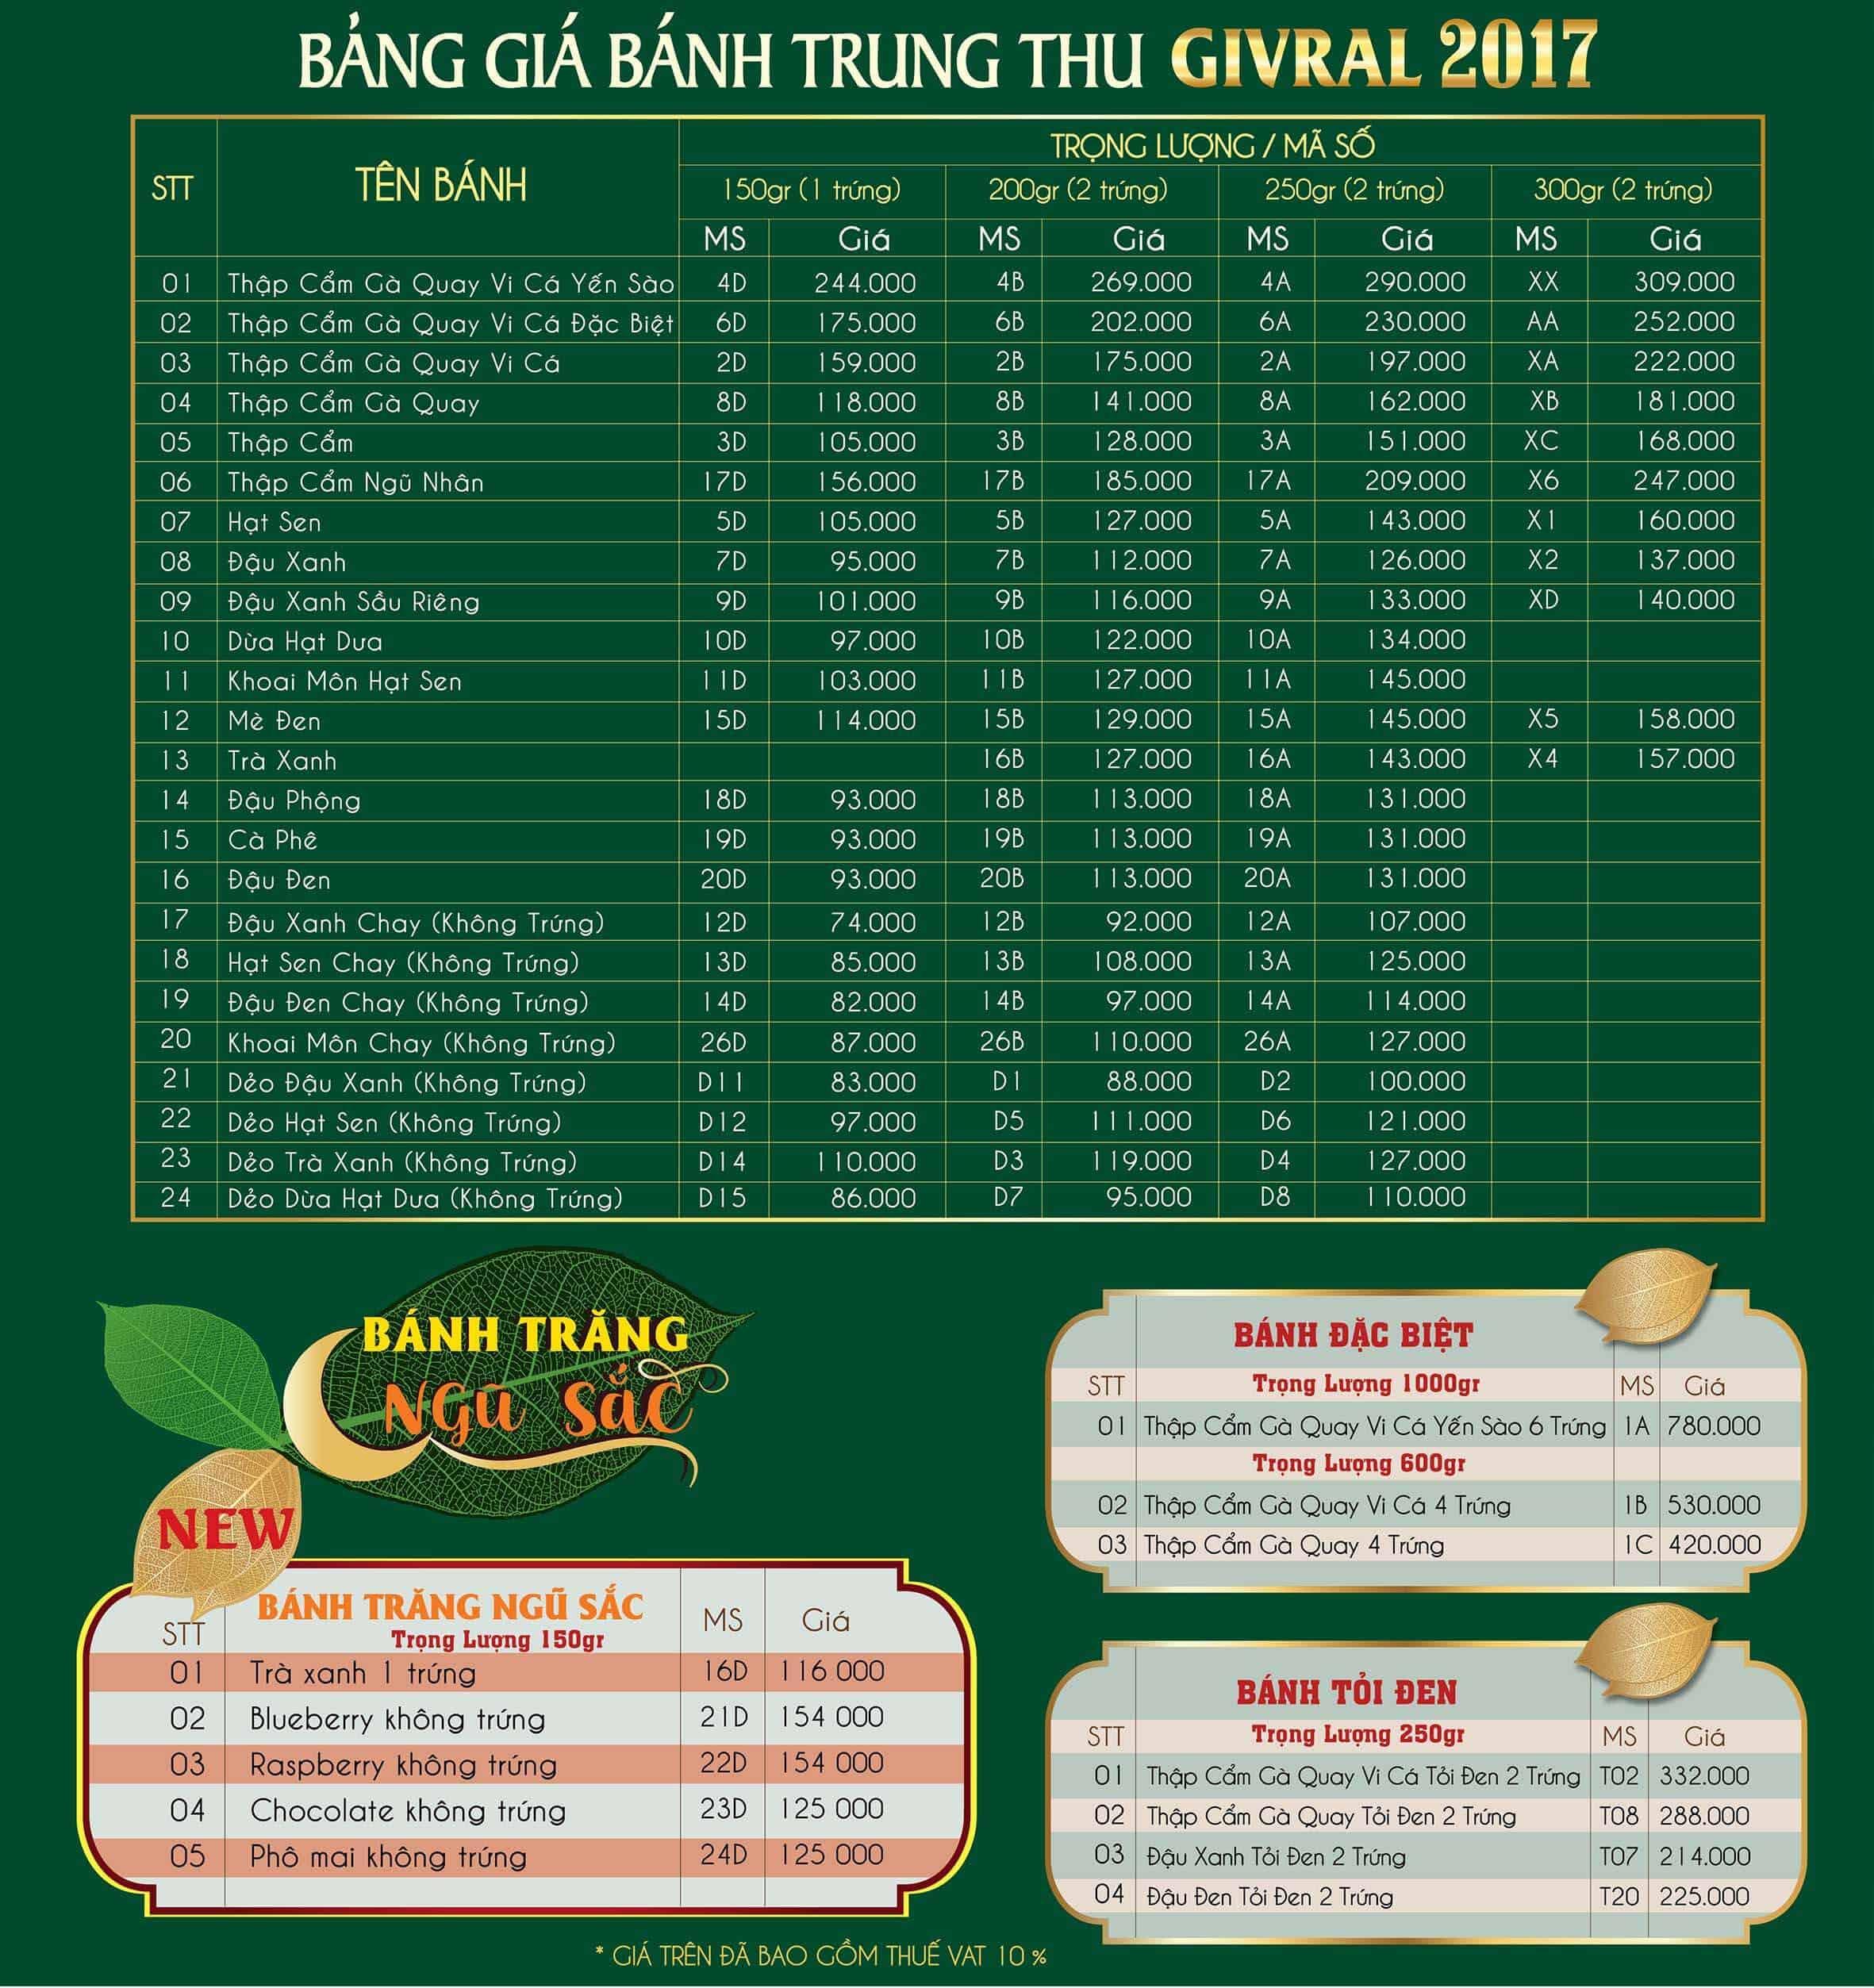 Bảng giá bánh trung thu Givral